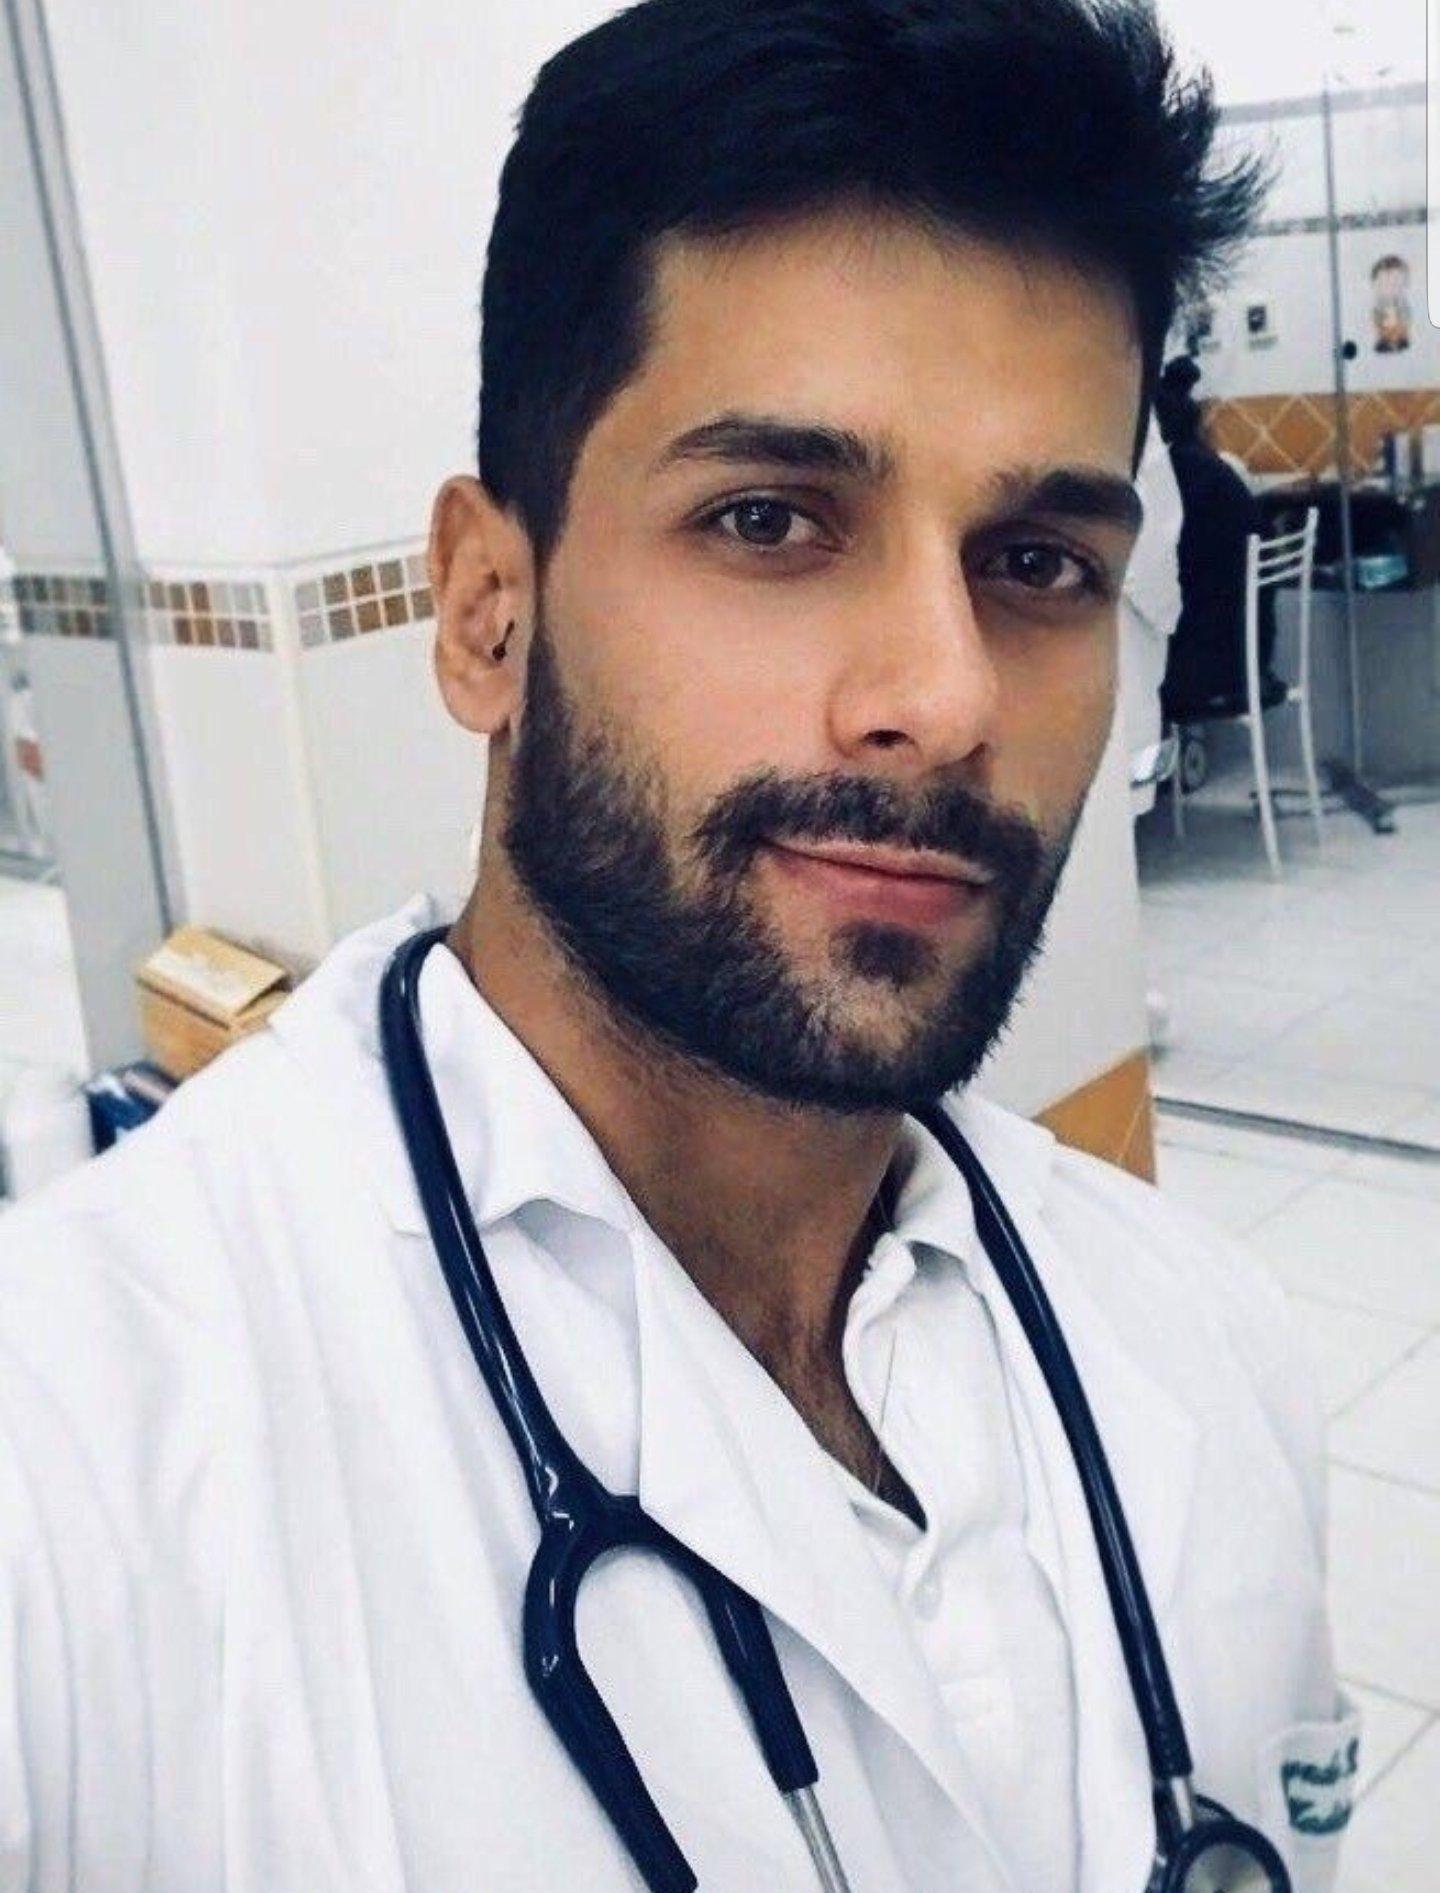 medico sexy